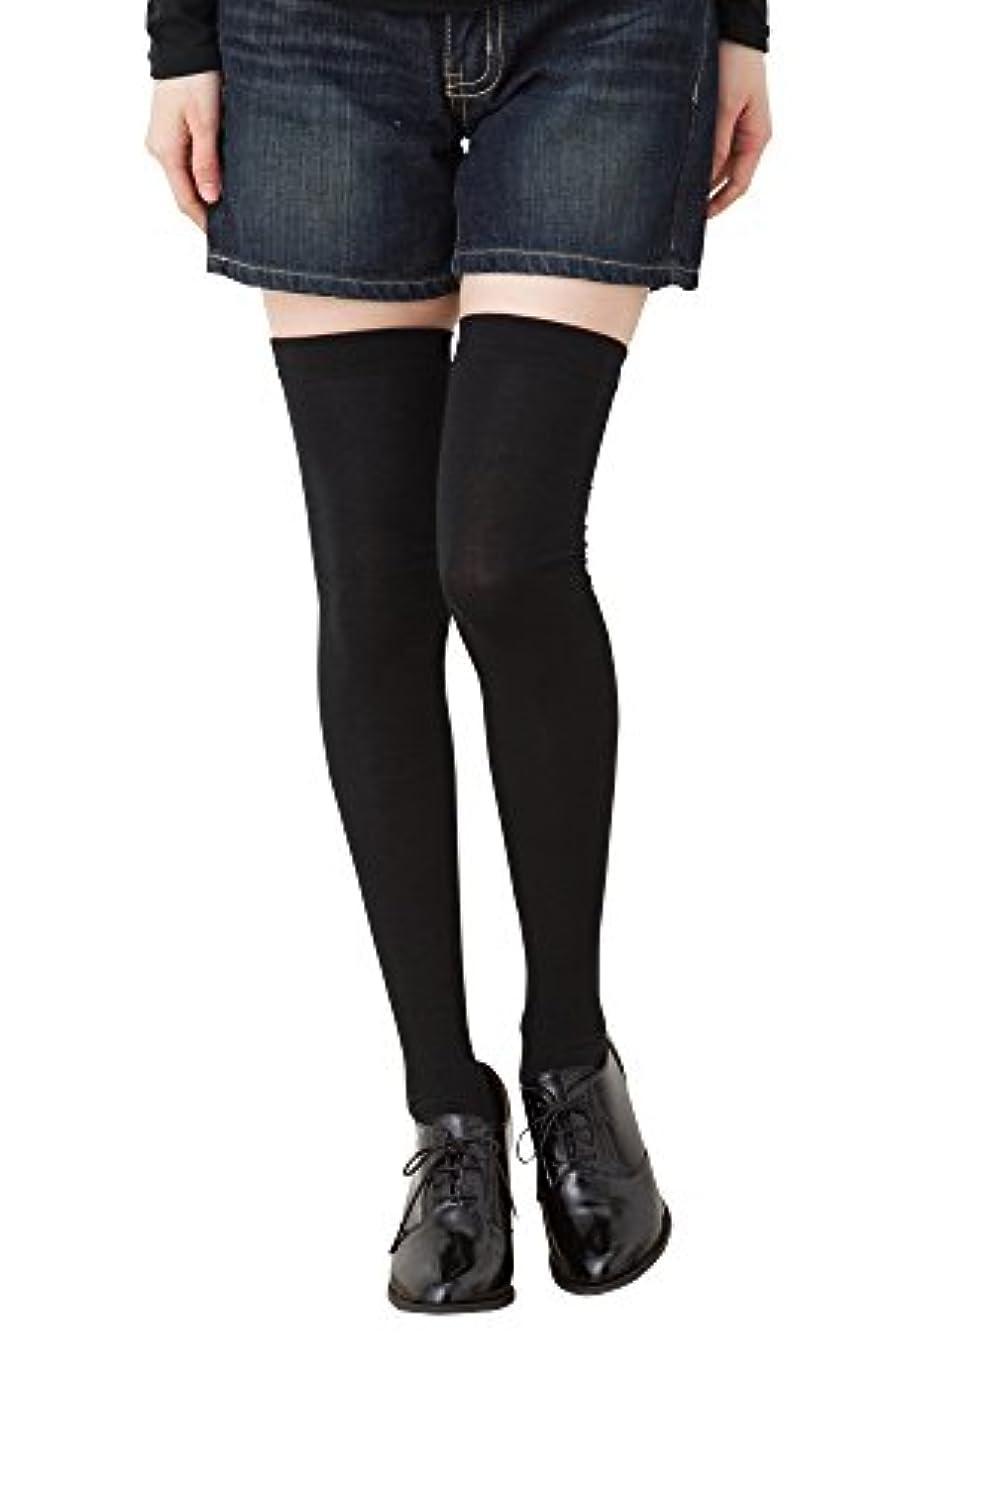 固執サーキュレーション大学院着圧 ニーハイソックス (平無地?60cm丈) ブラック 黒 靴下 レディース